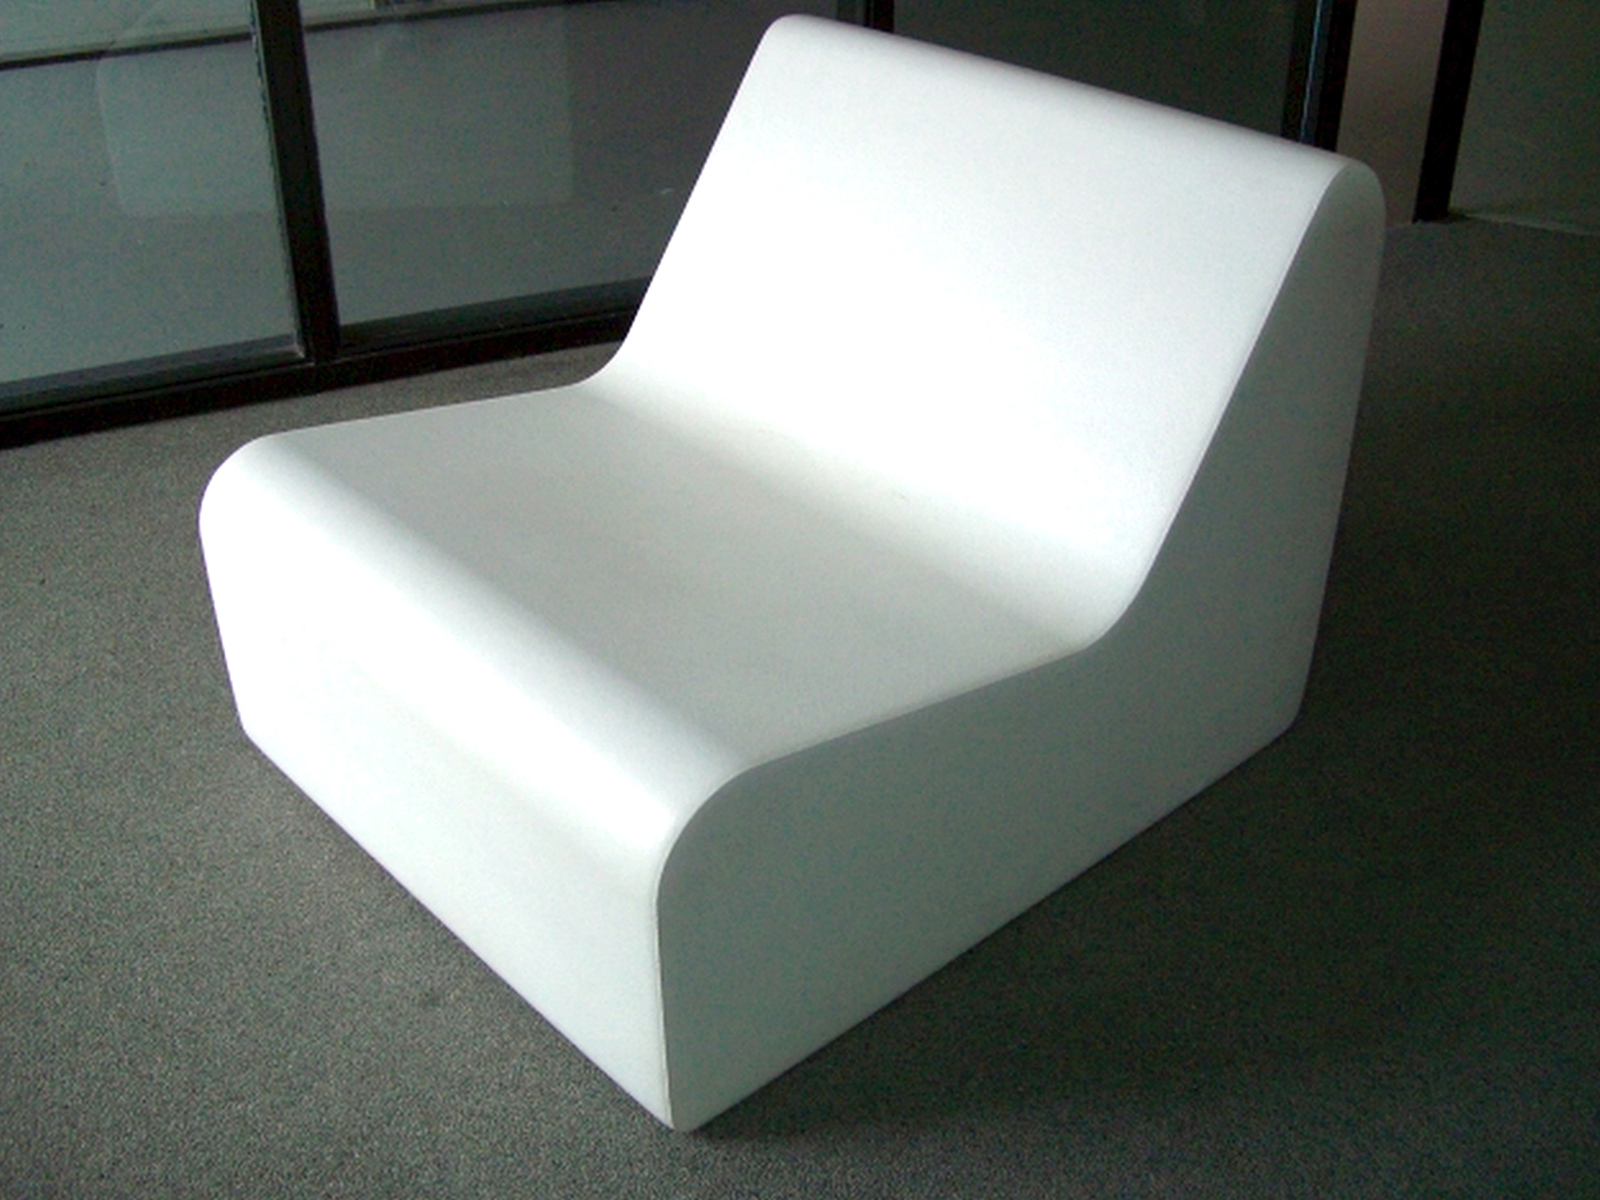 Schuim Voor Meubels : Schuim voor meubels cool with schuim voor meubels tips home